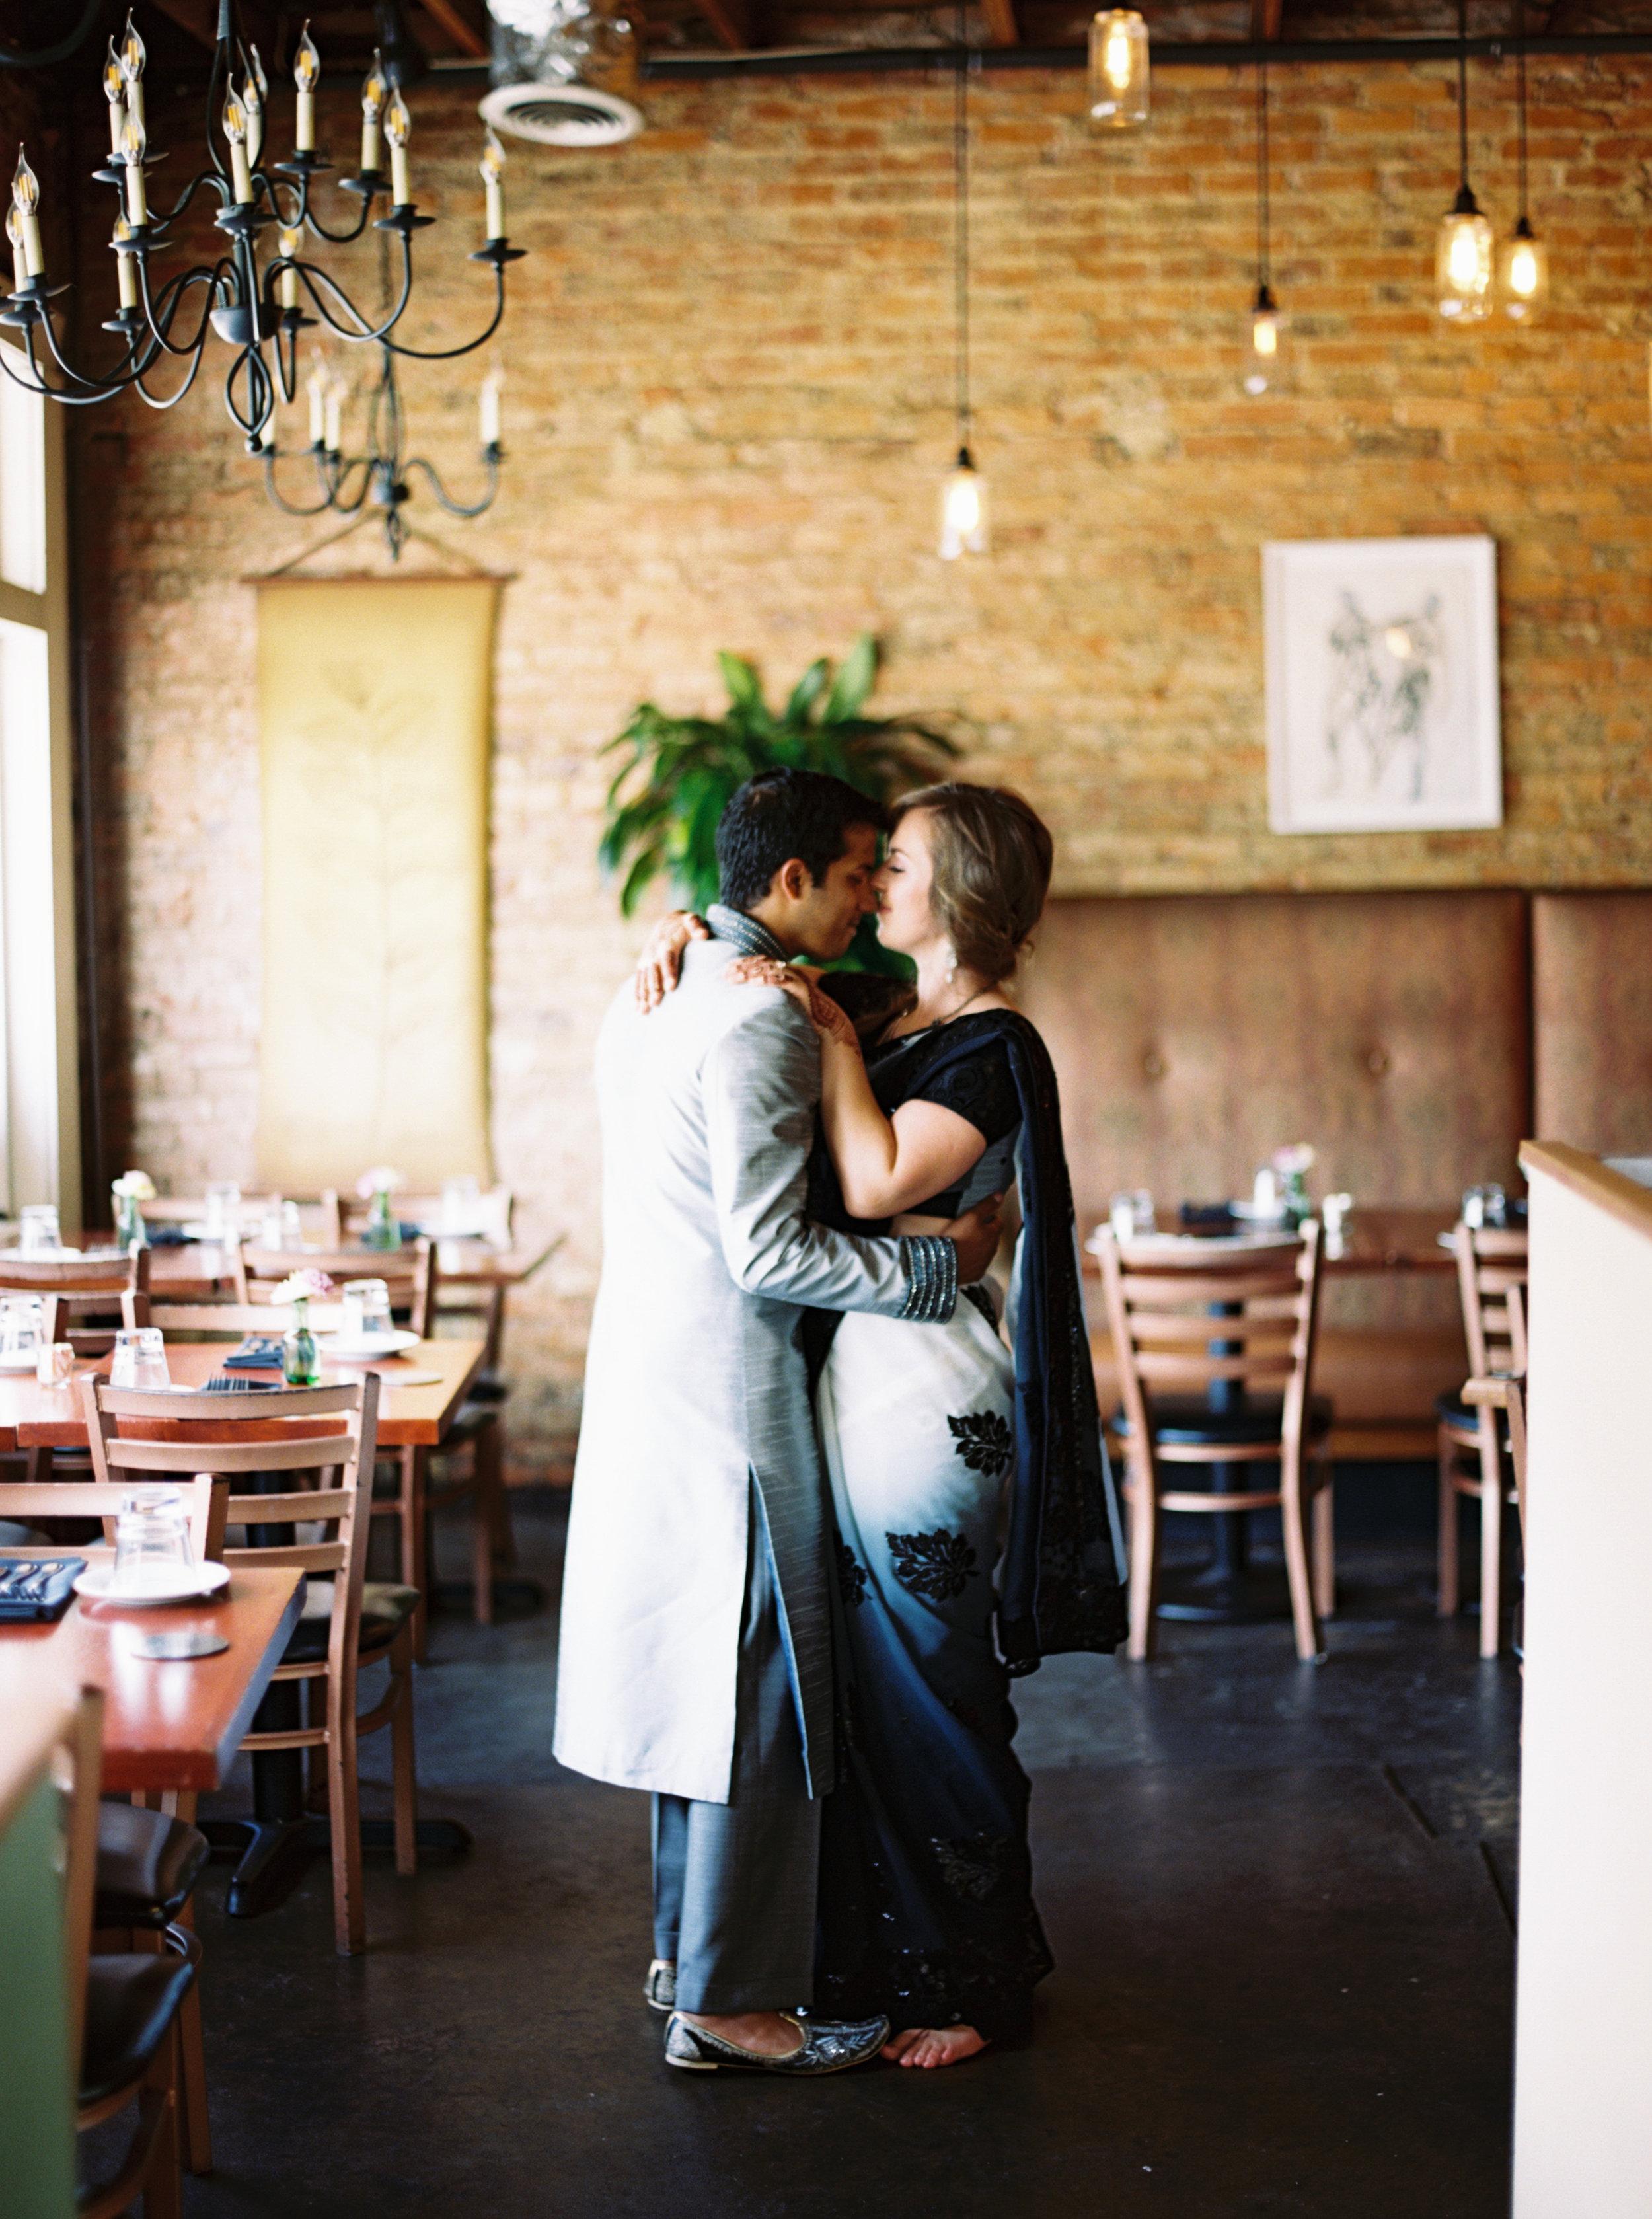 Wahoo_Grill_Atlanta_Indian_Wedding_Abigail_Malone_Photgoraphy_FIlm-118.jpg